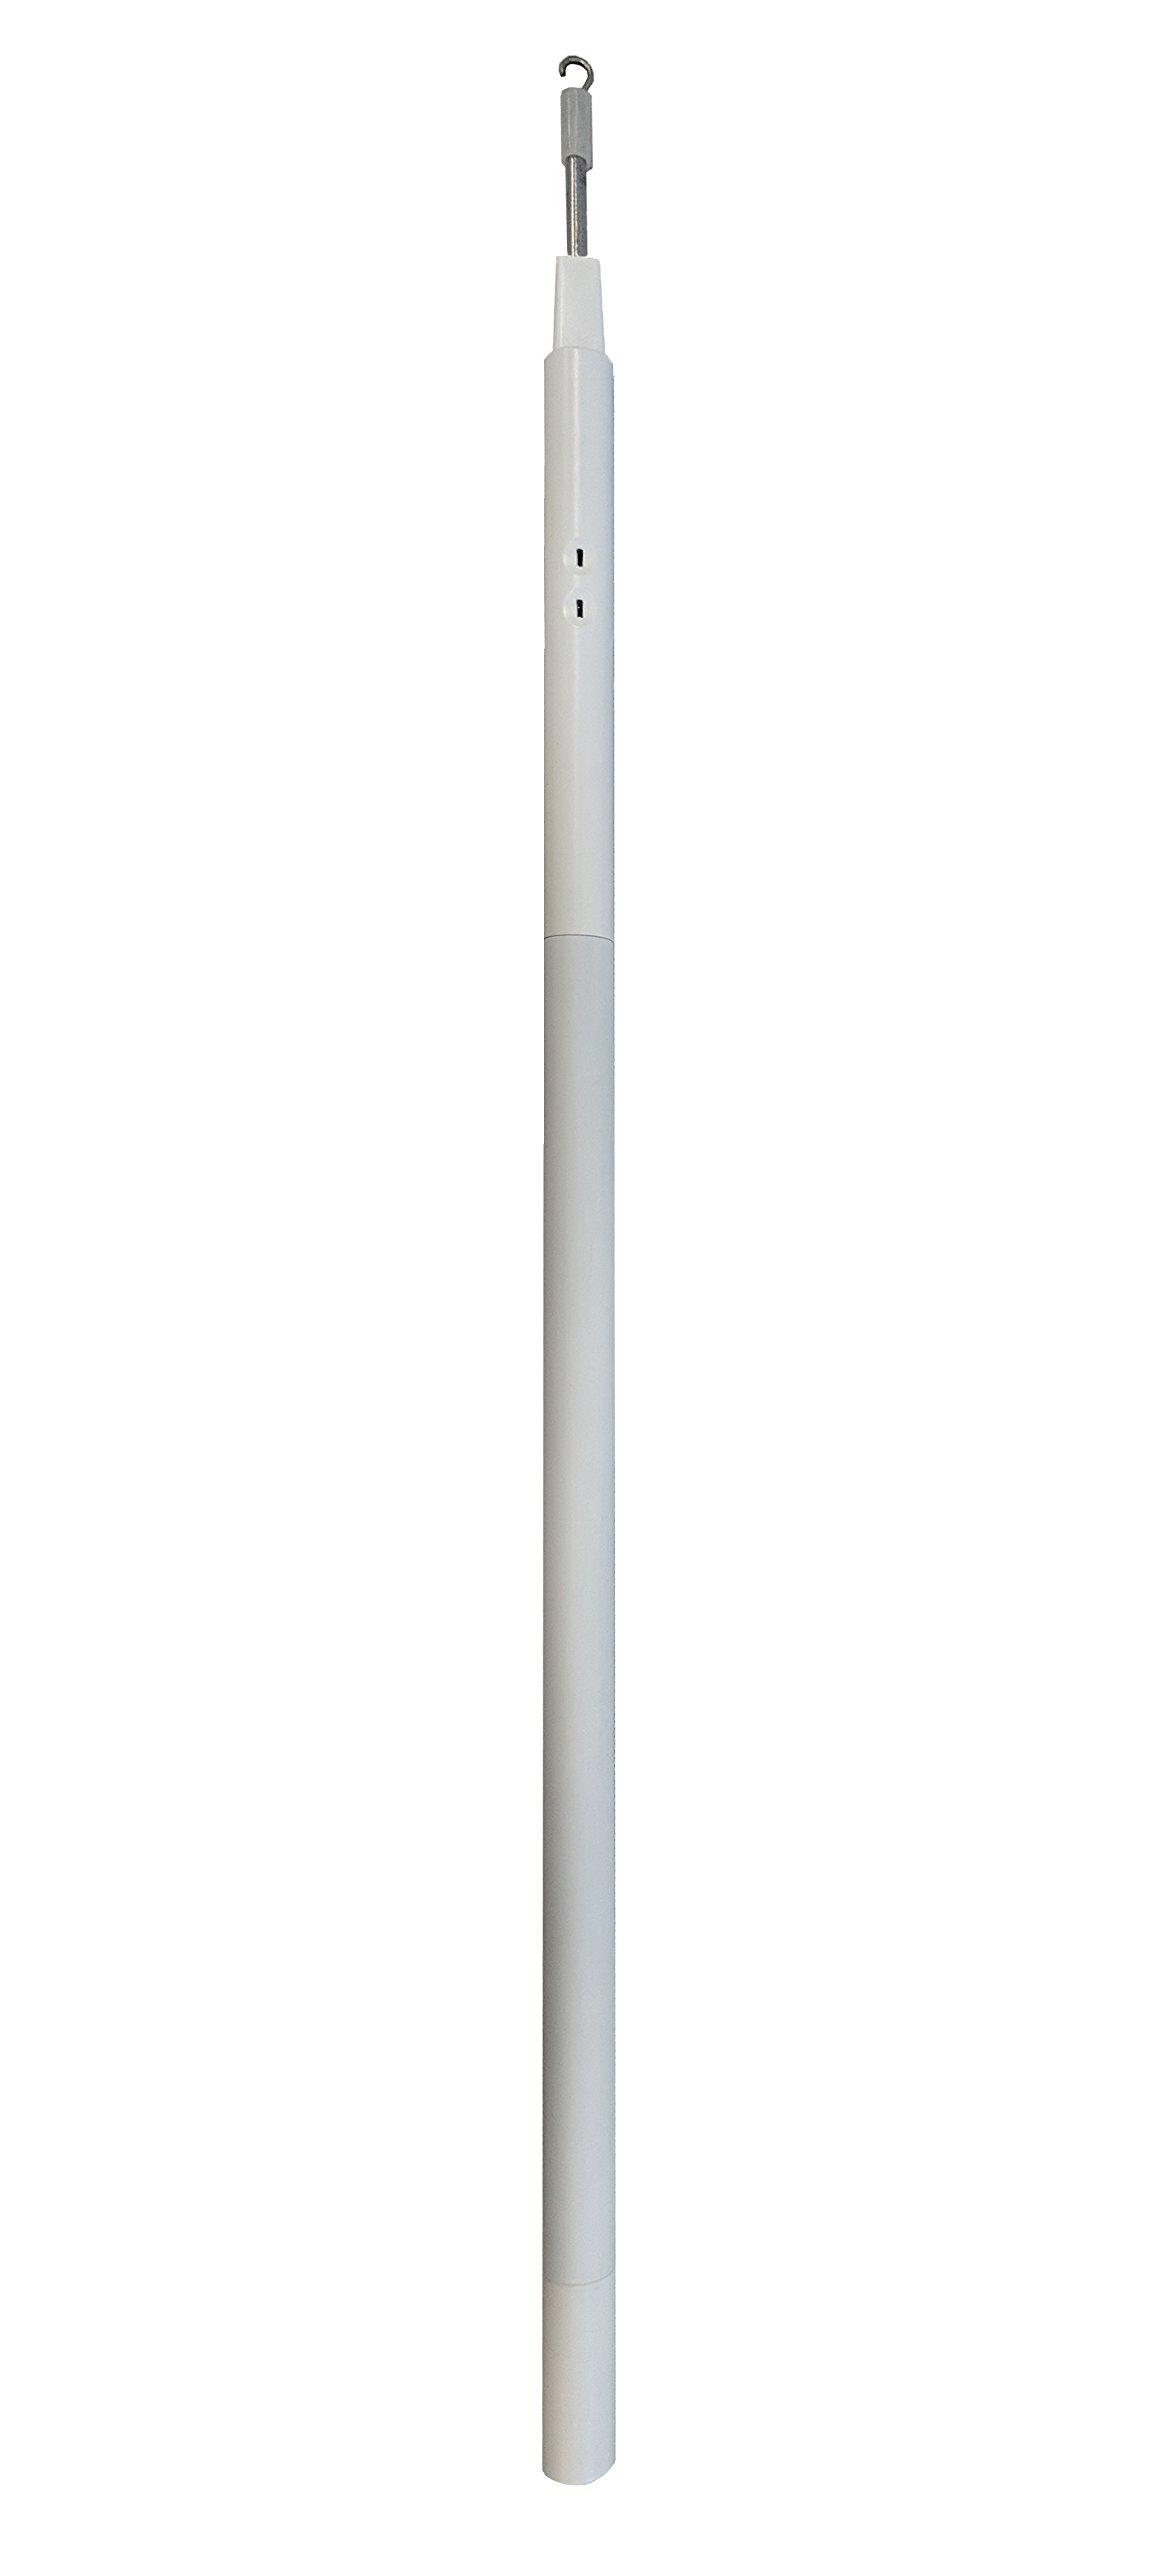 Single White E-Wand for Slatted Blind Motorization (E Wand) - Motorize and Automate Existing Blinds- Retrofit Motorized Blinds